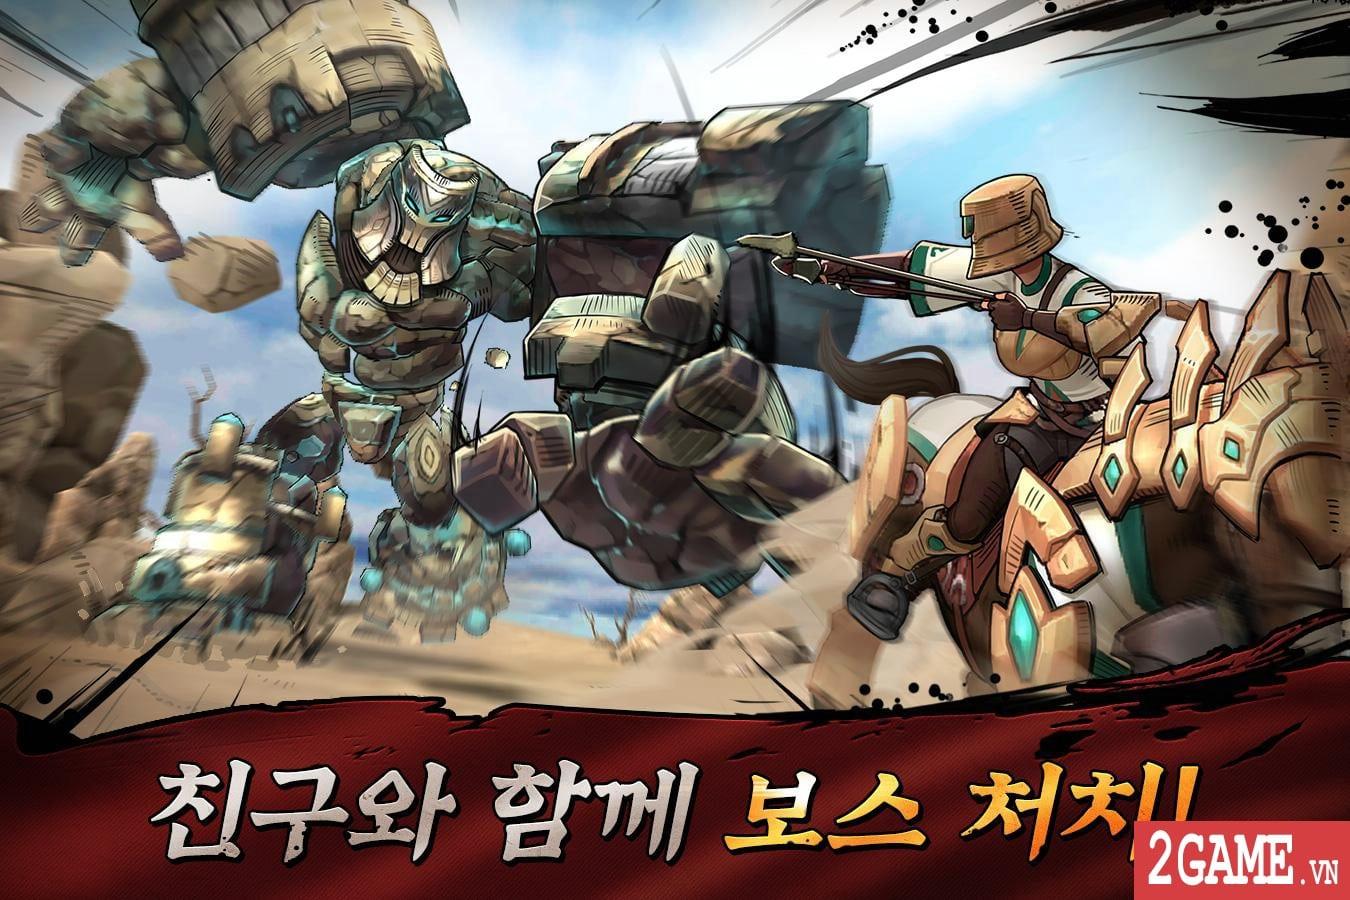 Battle of Arrow - Game đọ tài thiện xạ cực chất của người Hàn Quốc 3